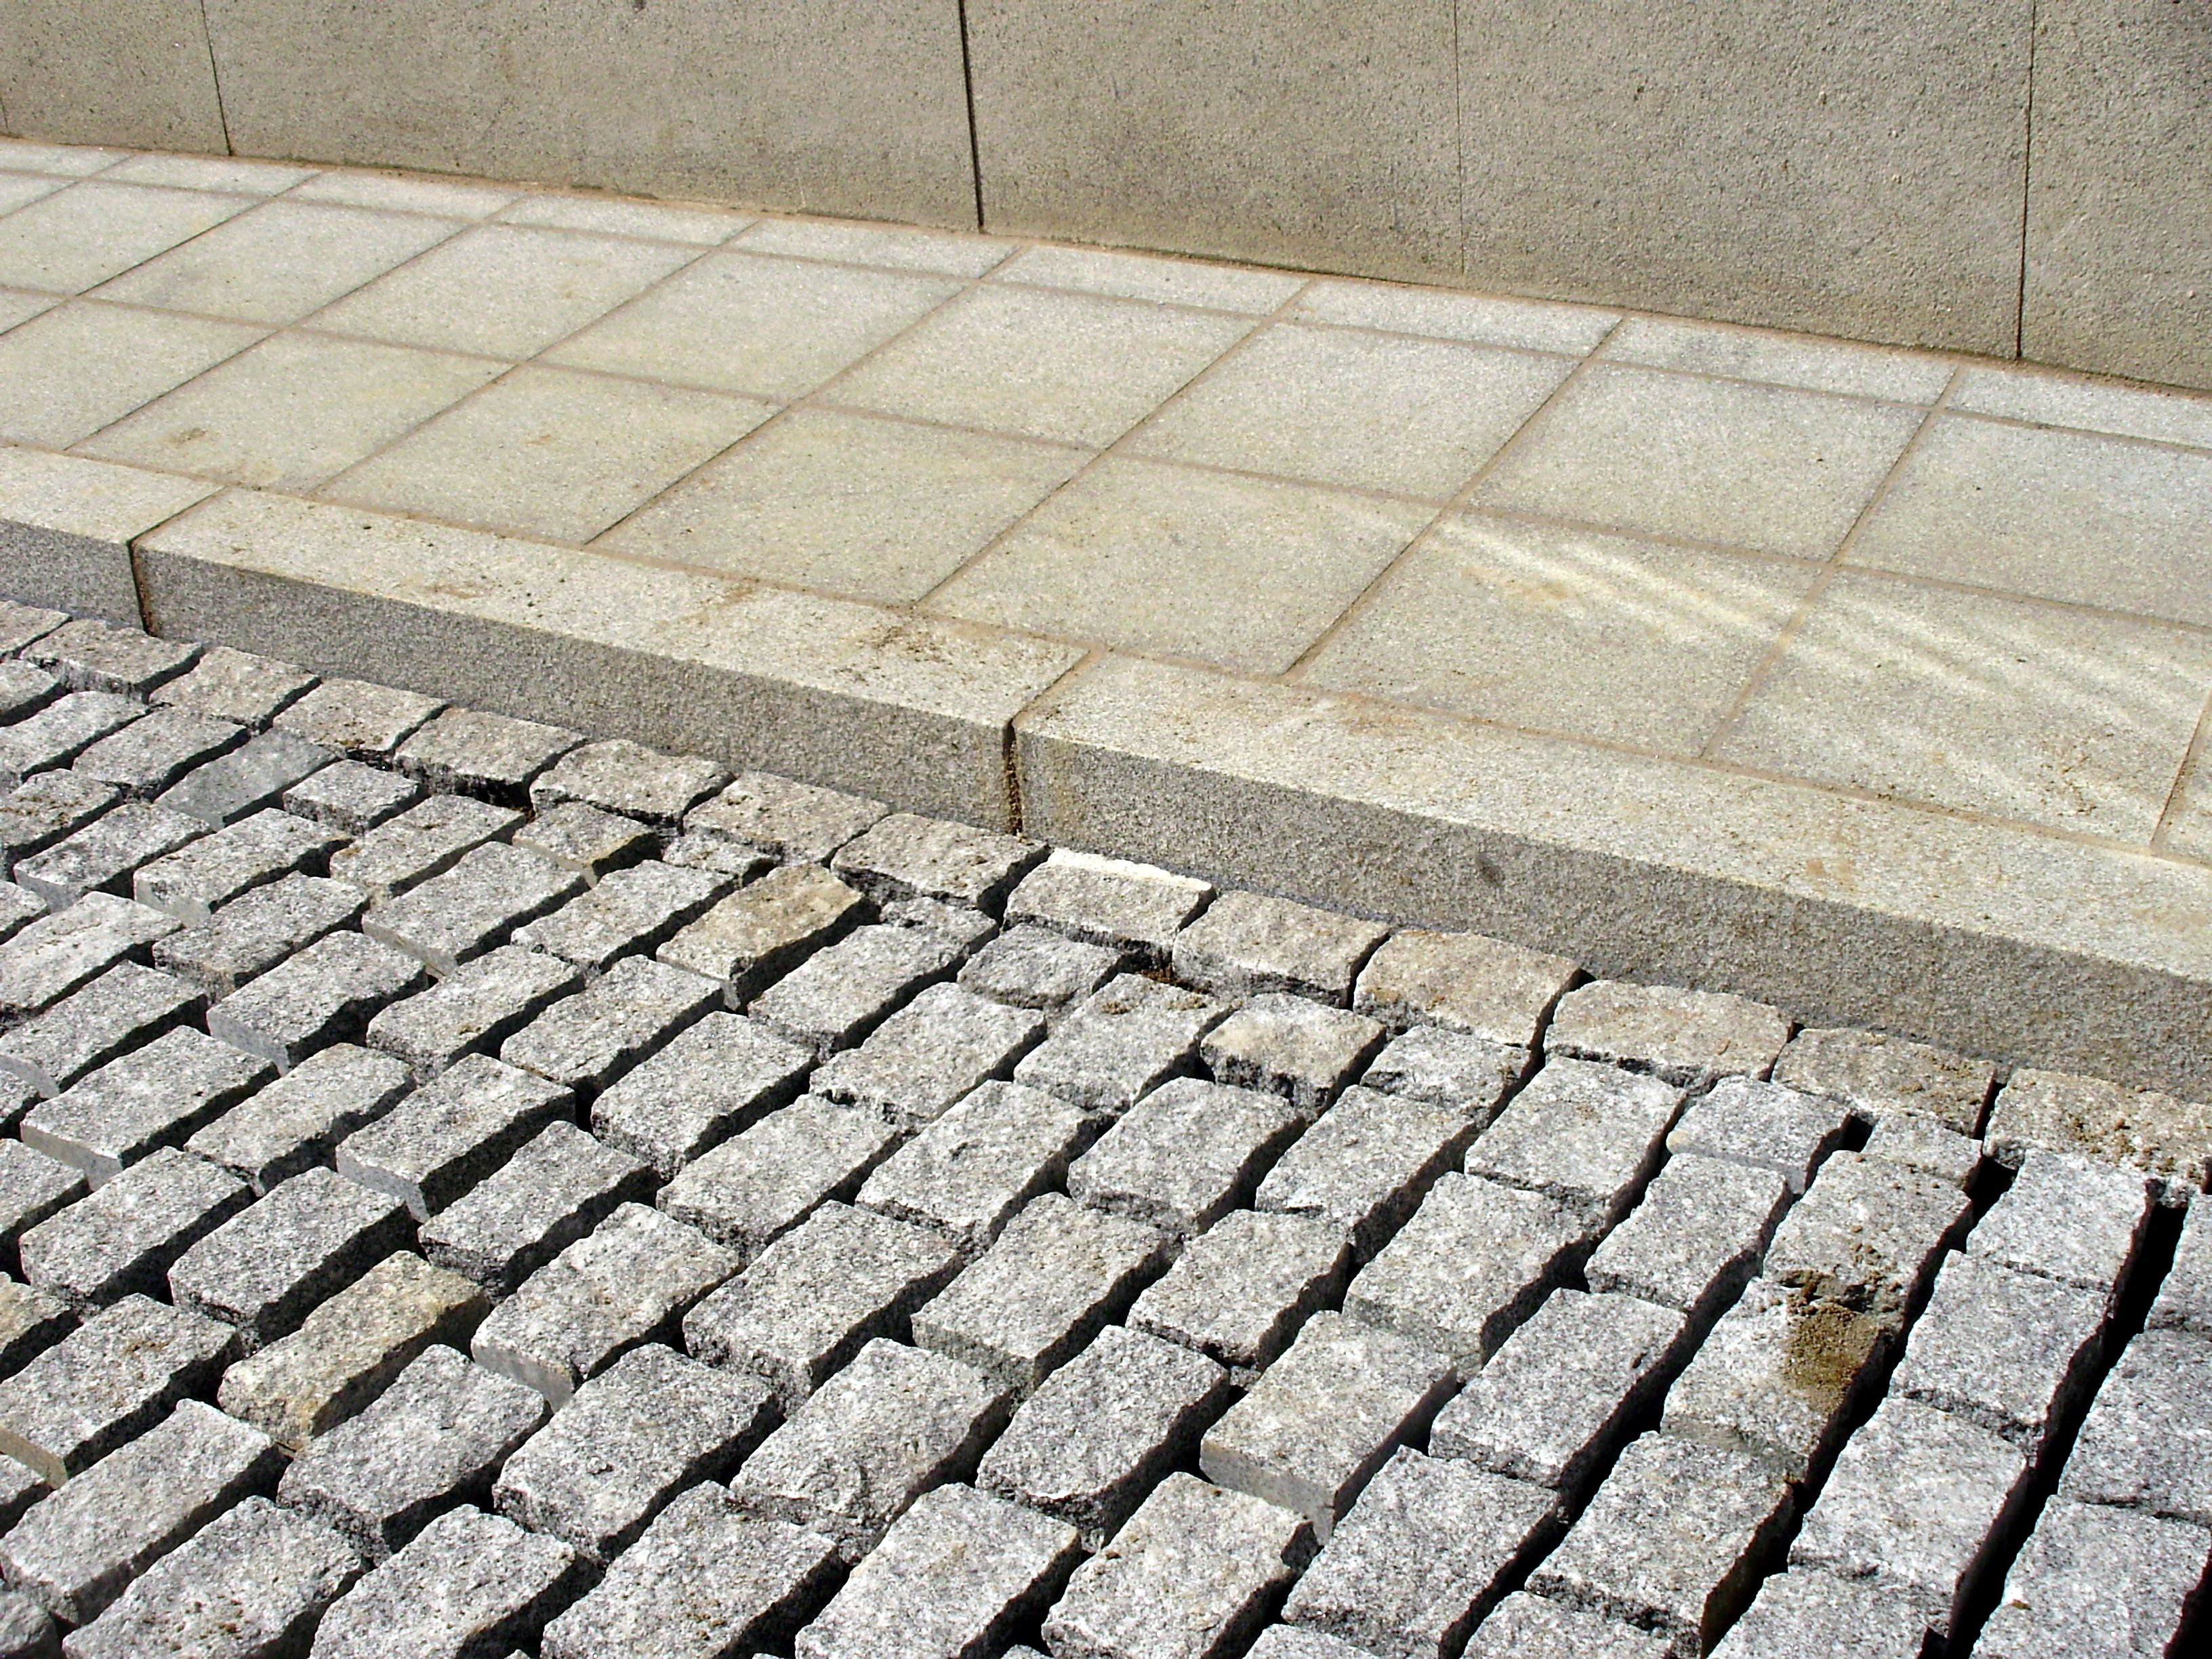 Verlegemuster Granitpflaster verlegemuster granitpflaster hausdesigns co